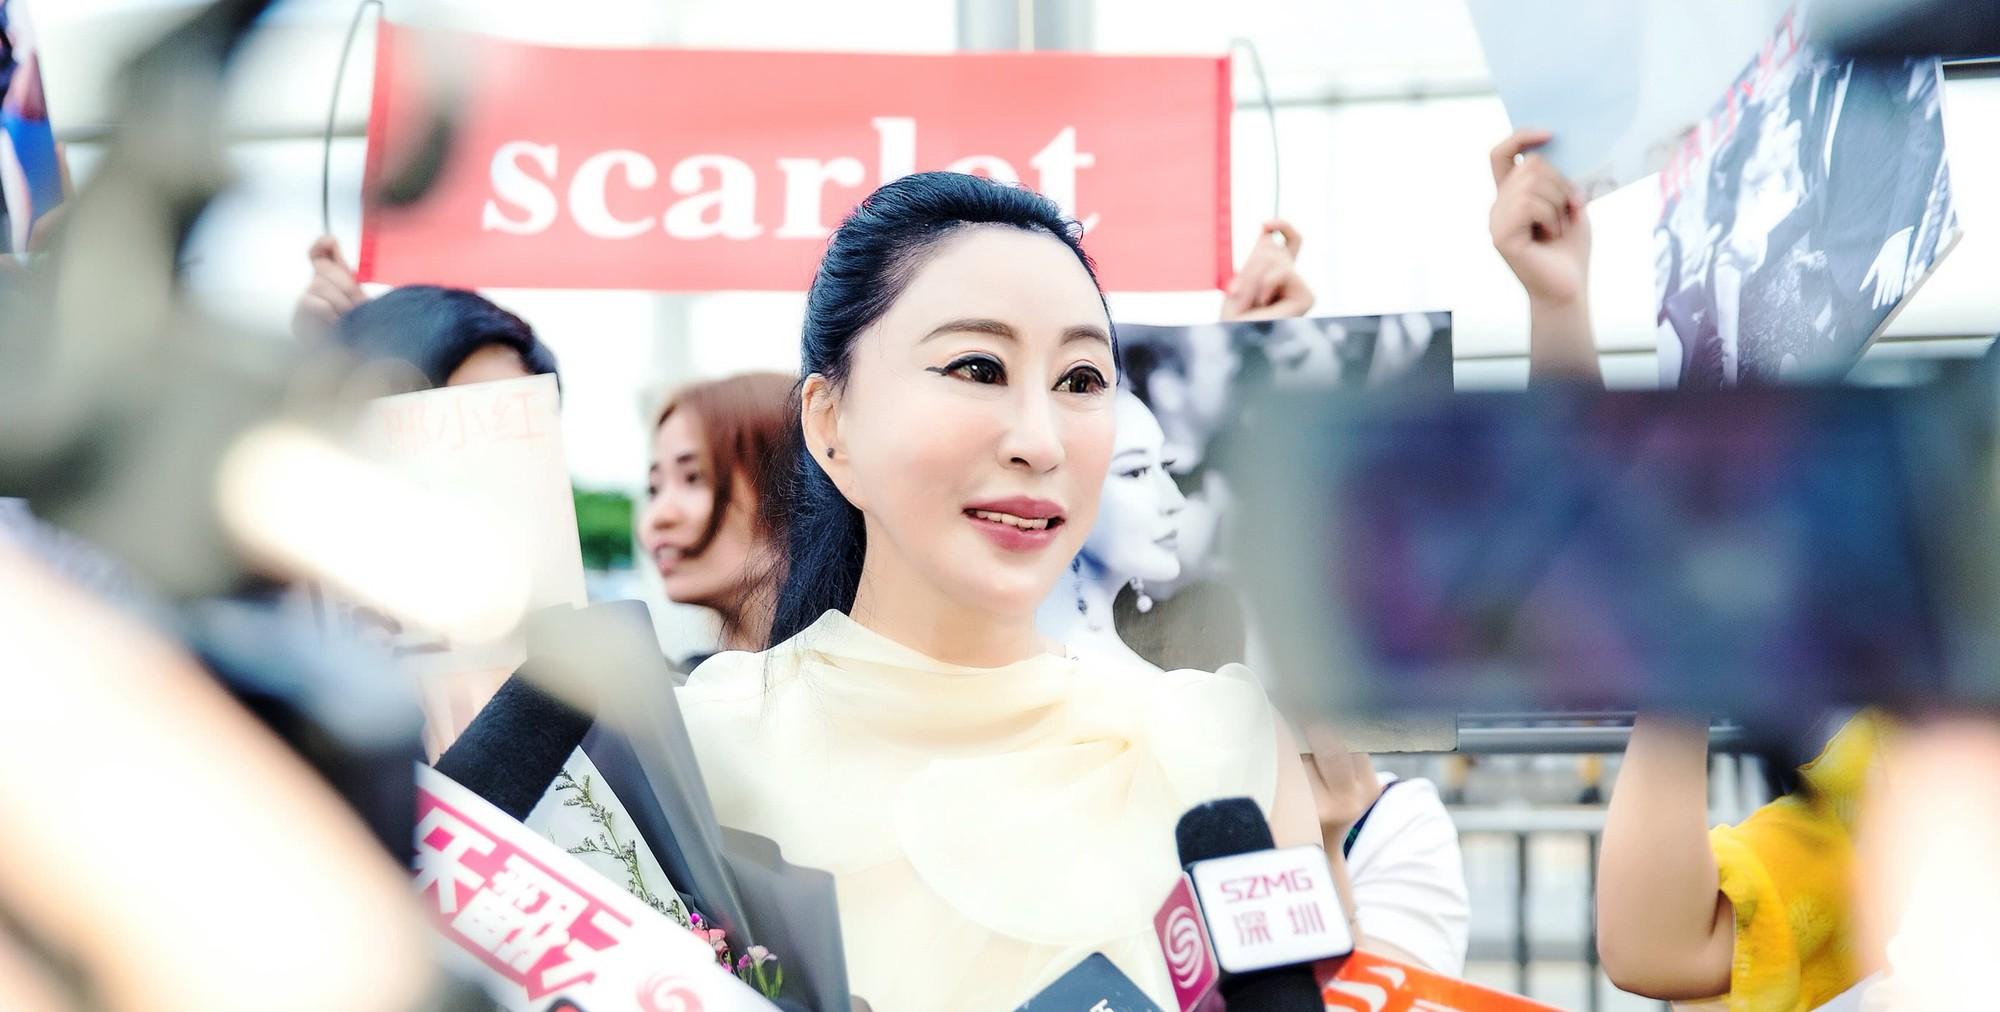 Hoa hậu Trung Quốc cố tình ngã trào ngực tại Cannes được chào đón không kém gì Phạm Băng Băng - Ảnh 3.